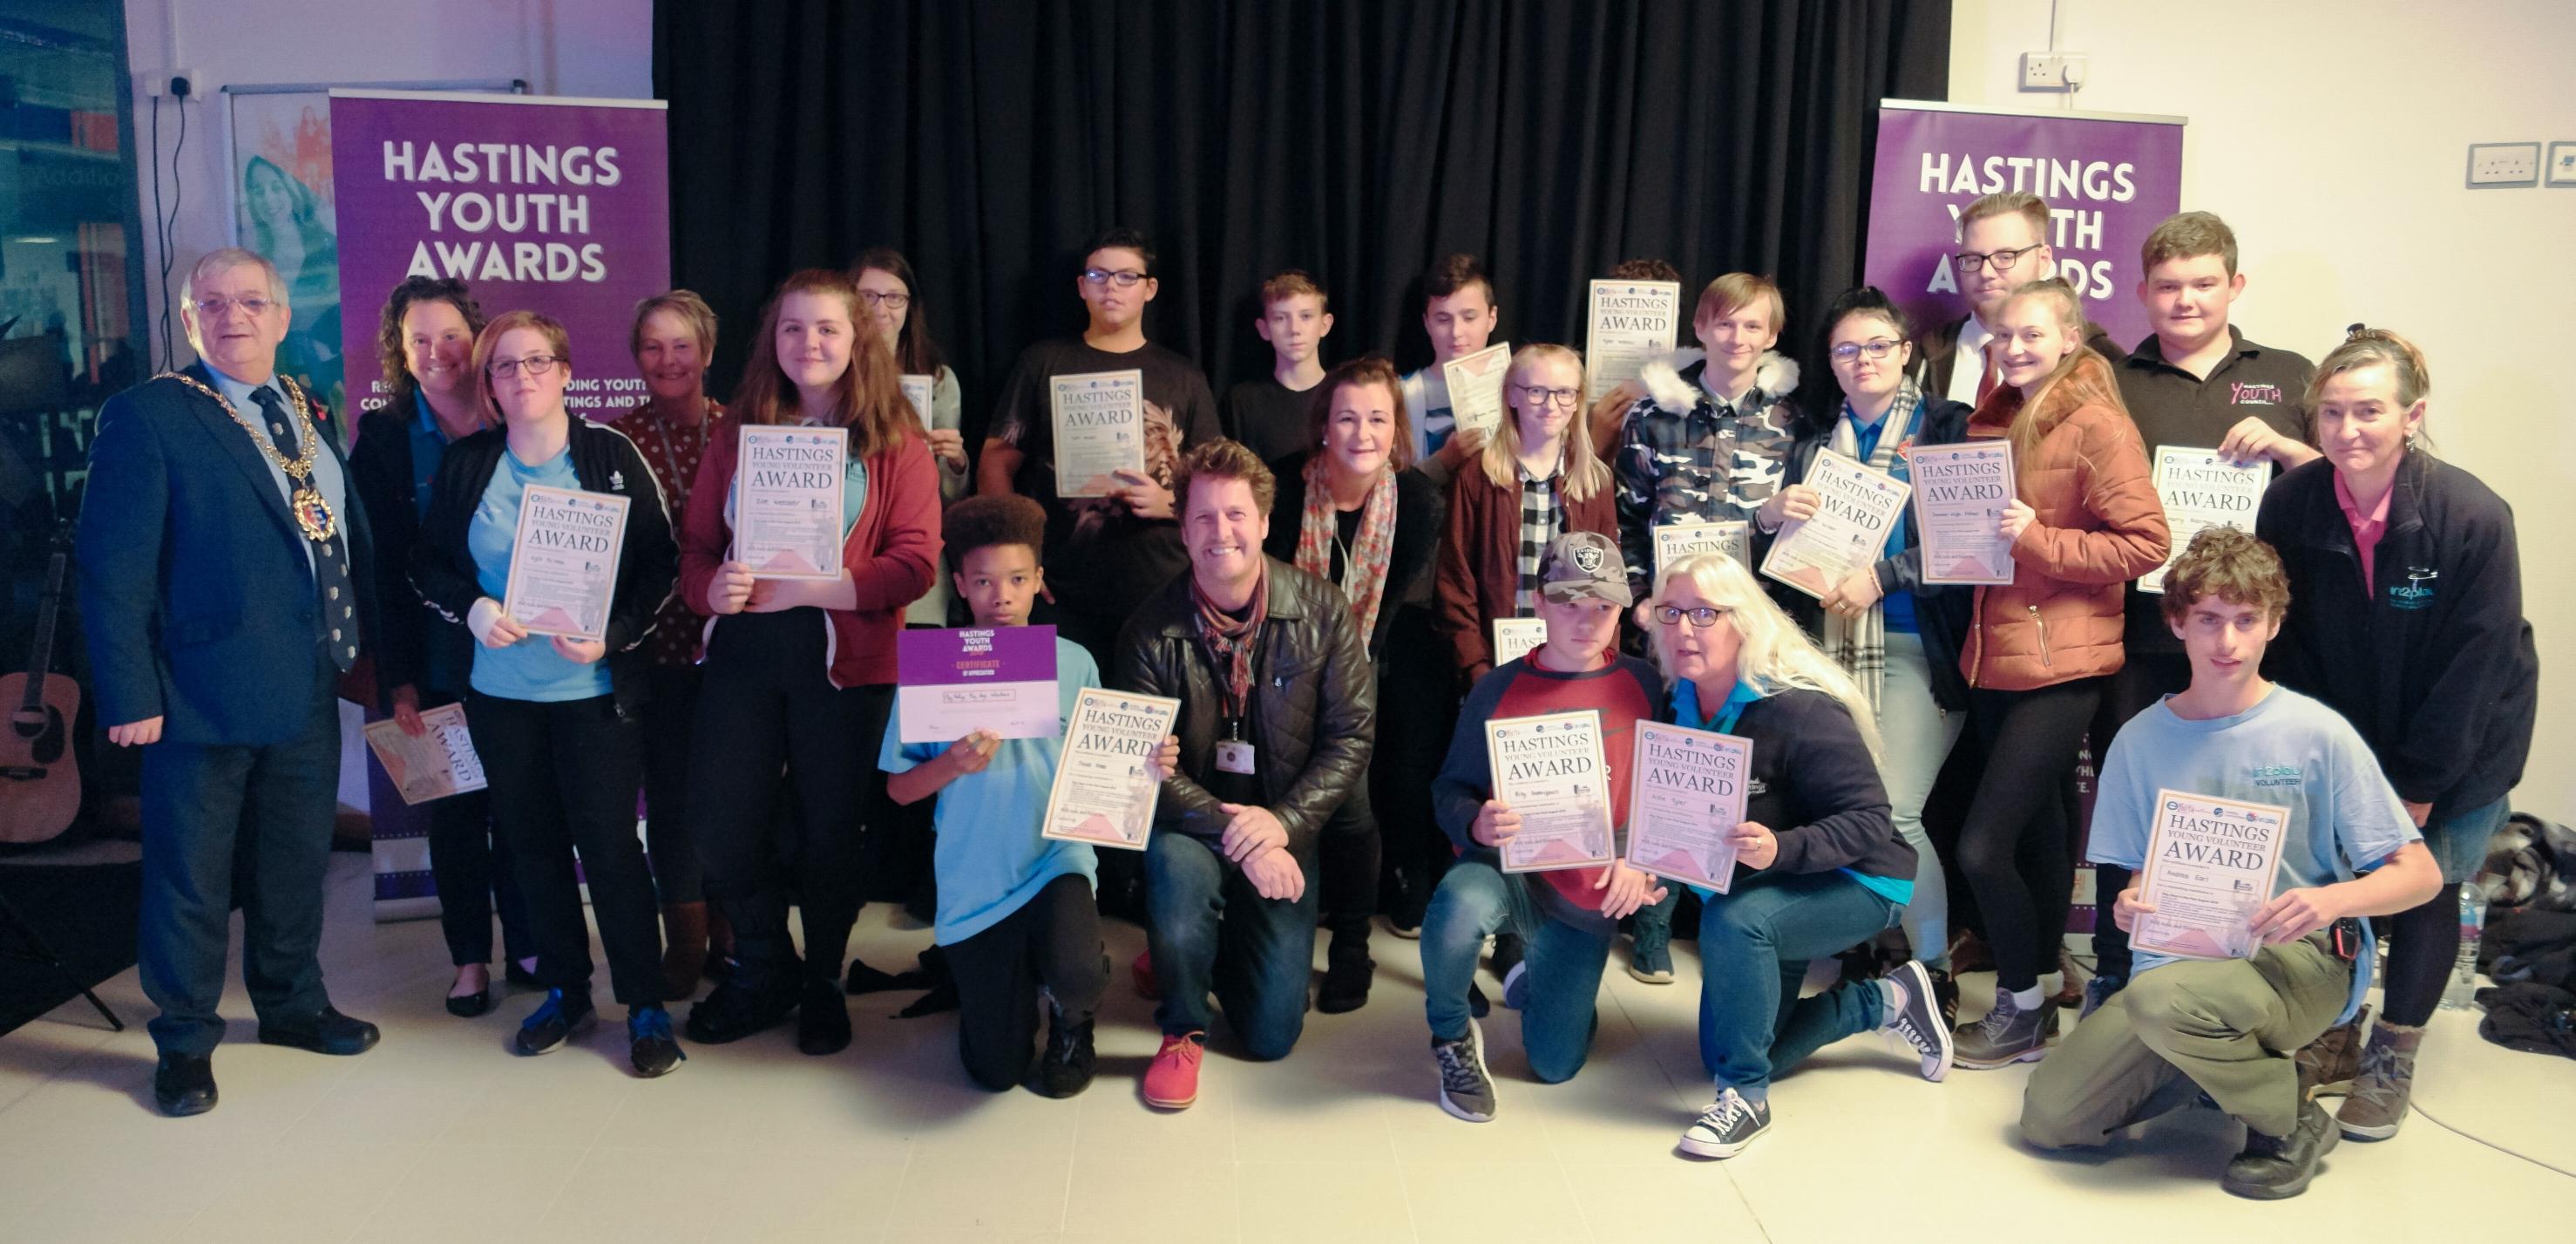 Hastings play days volunteers Hastings youth awards 2018